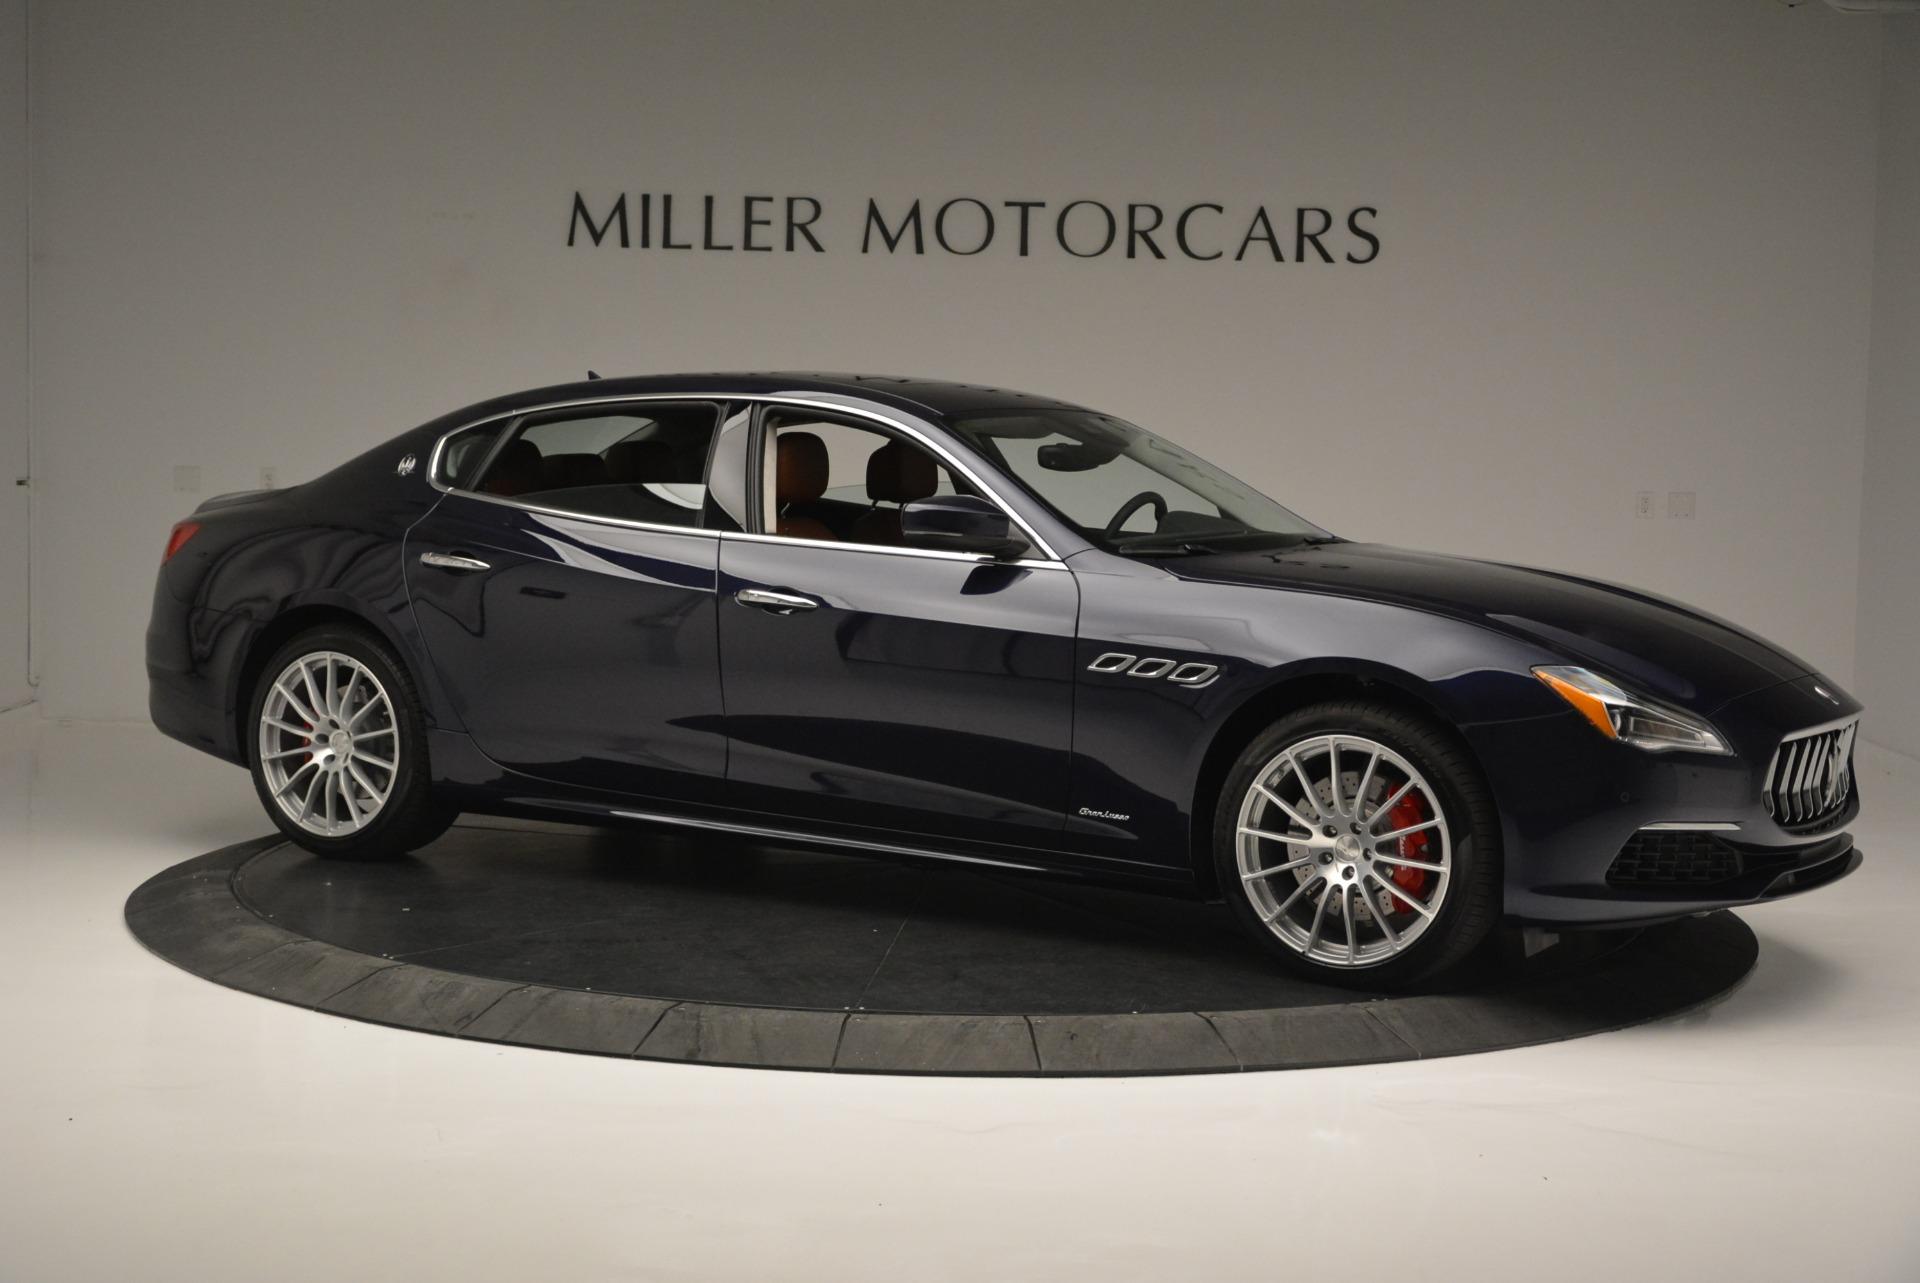 New 2018 Maserati Quattroporte S Q4 GranLusso For Sale In Greenwich, CT. Alfa Romeo of Greenwich, M1992 1859_p11